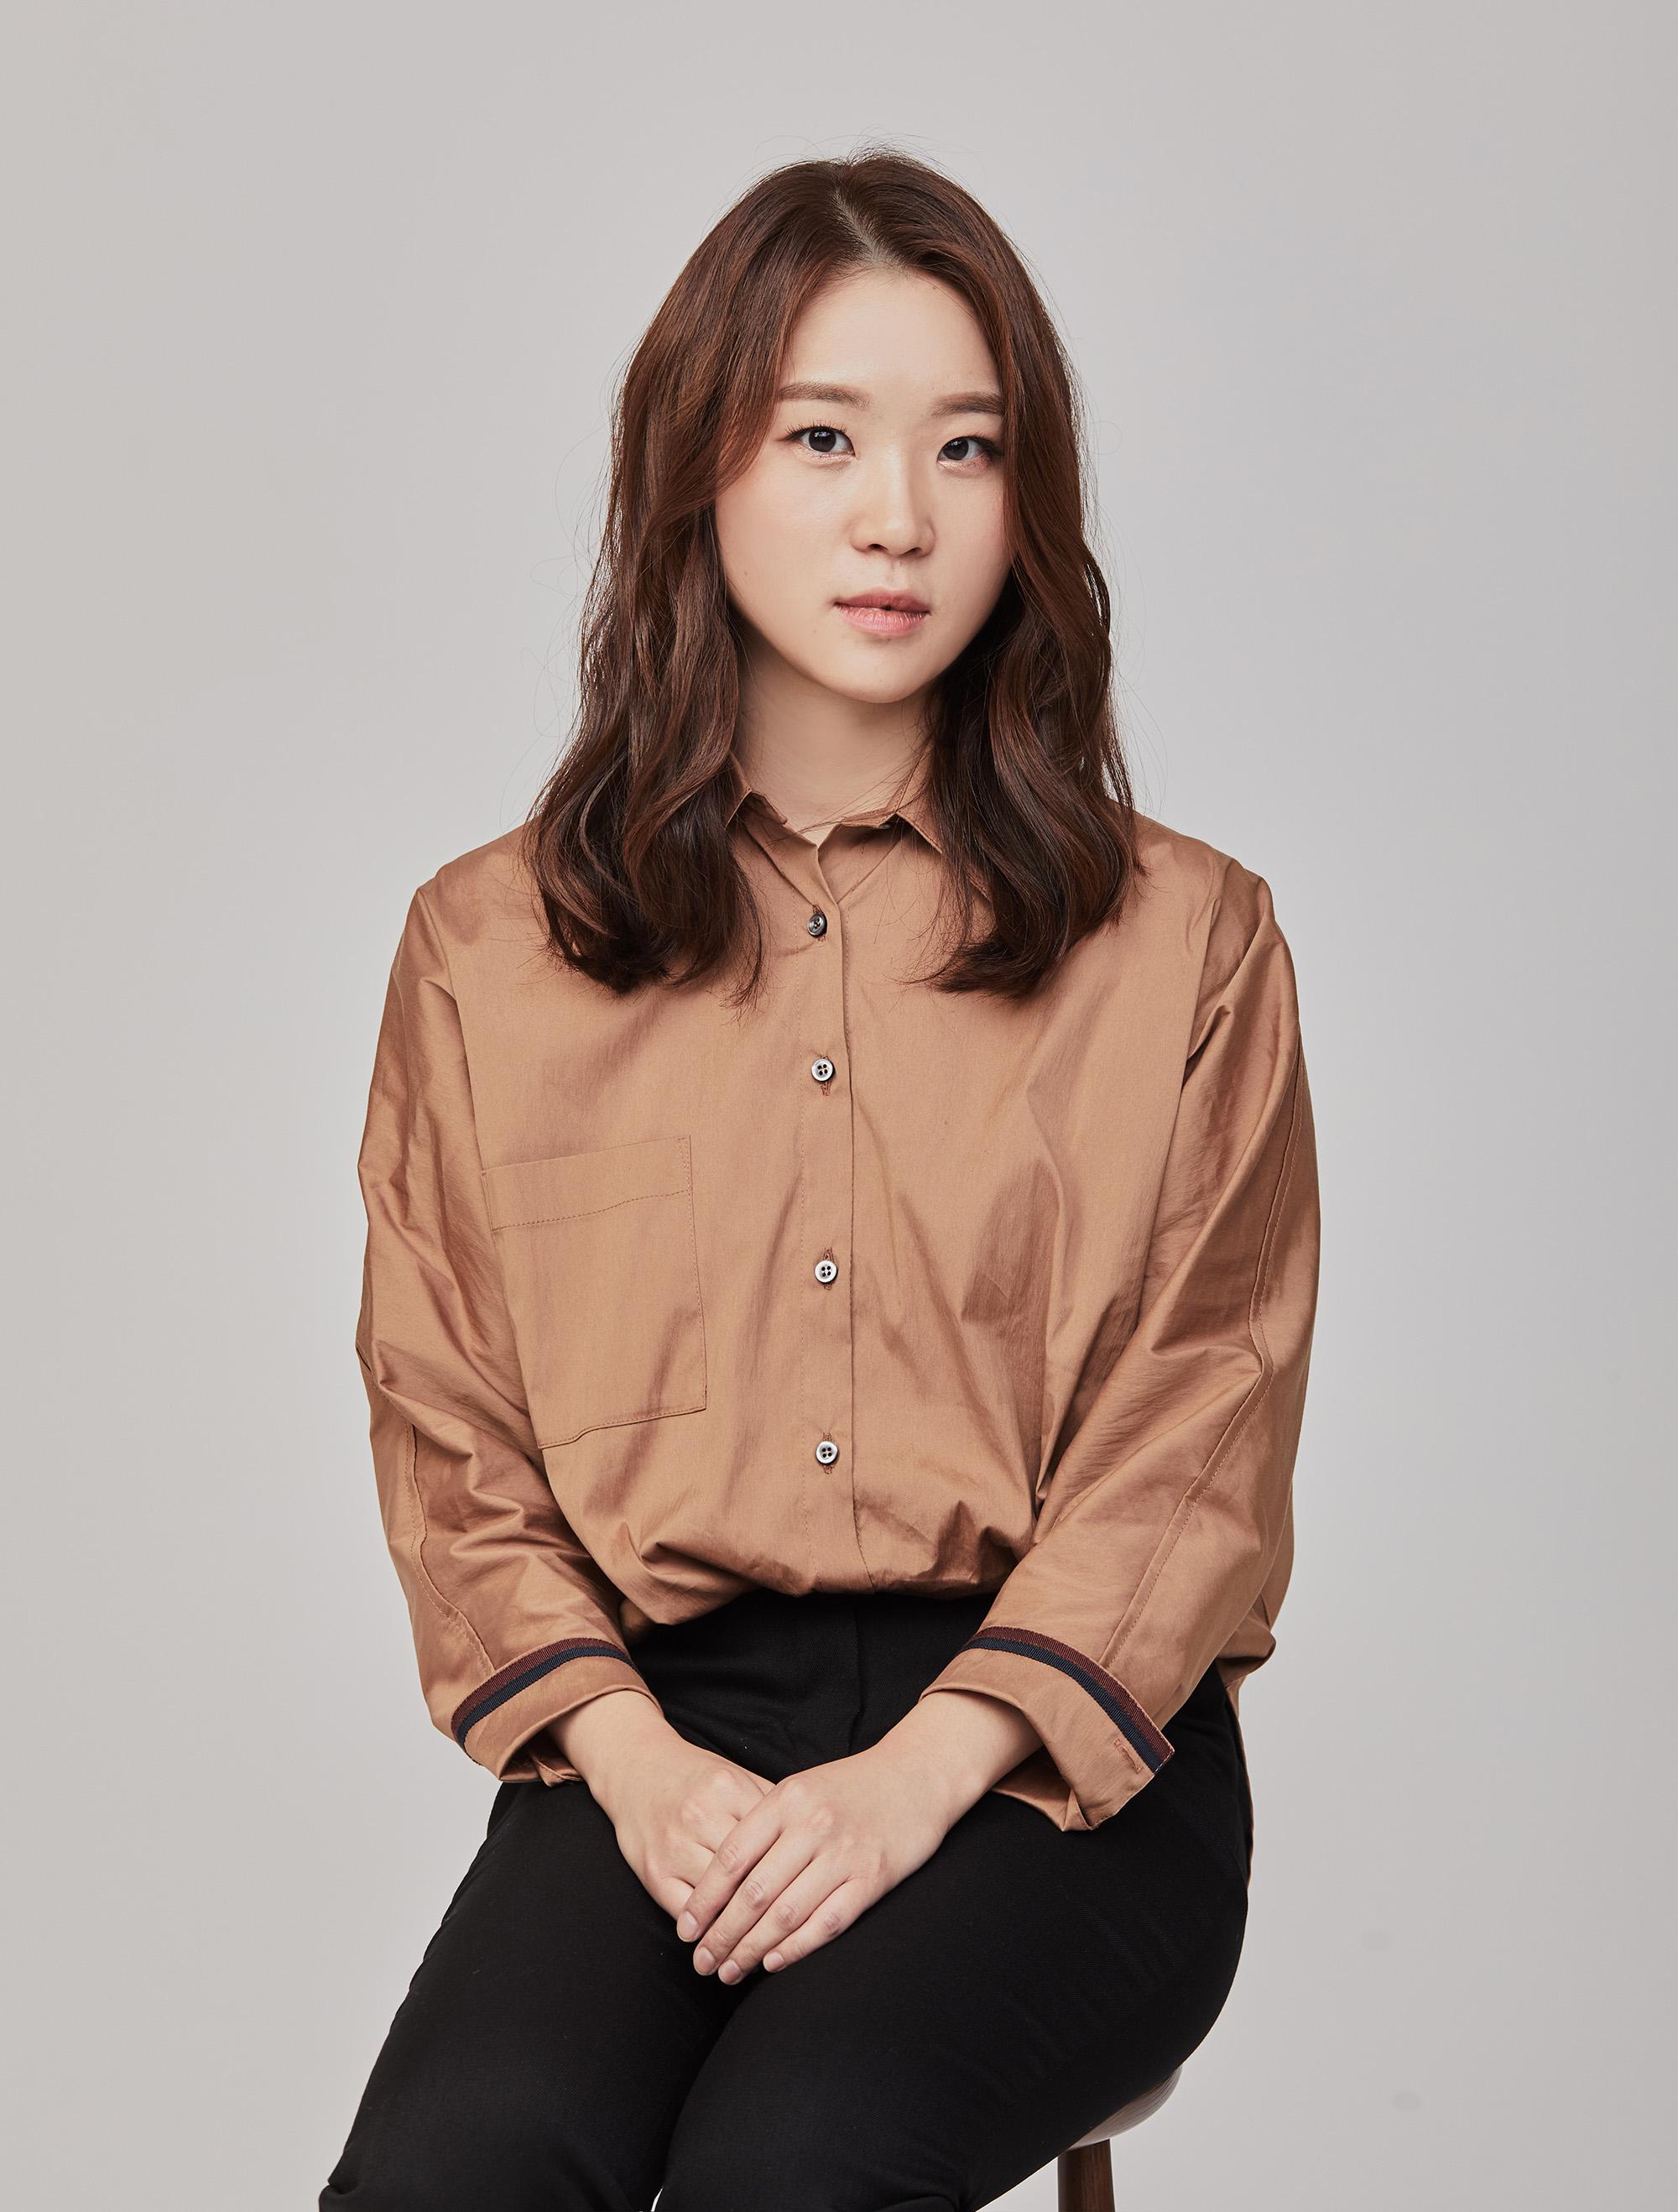 Jane Shin